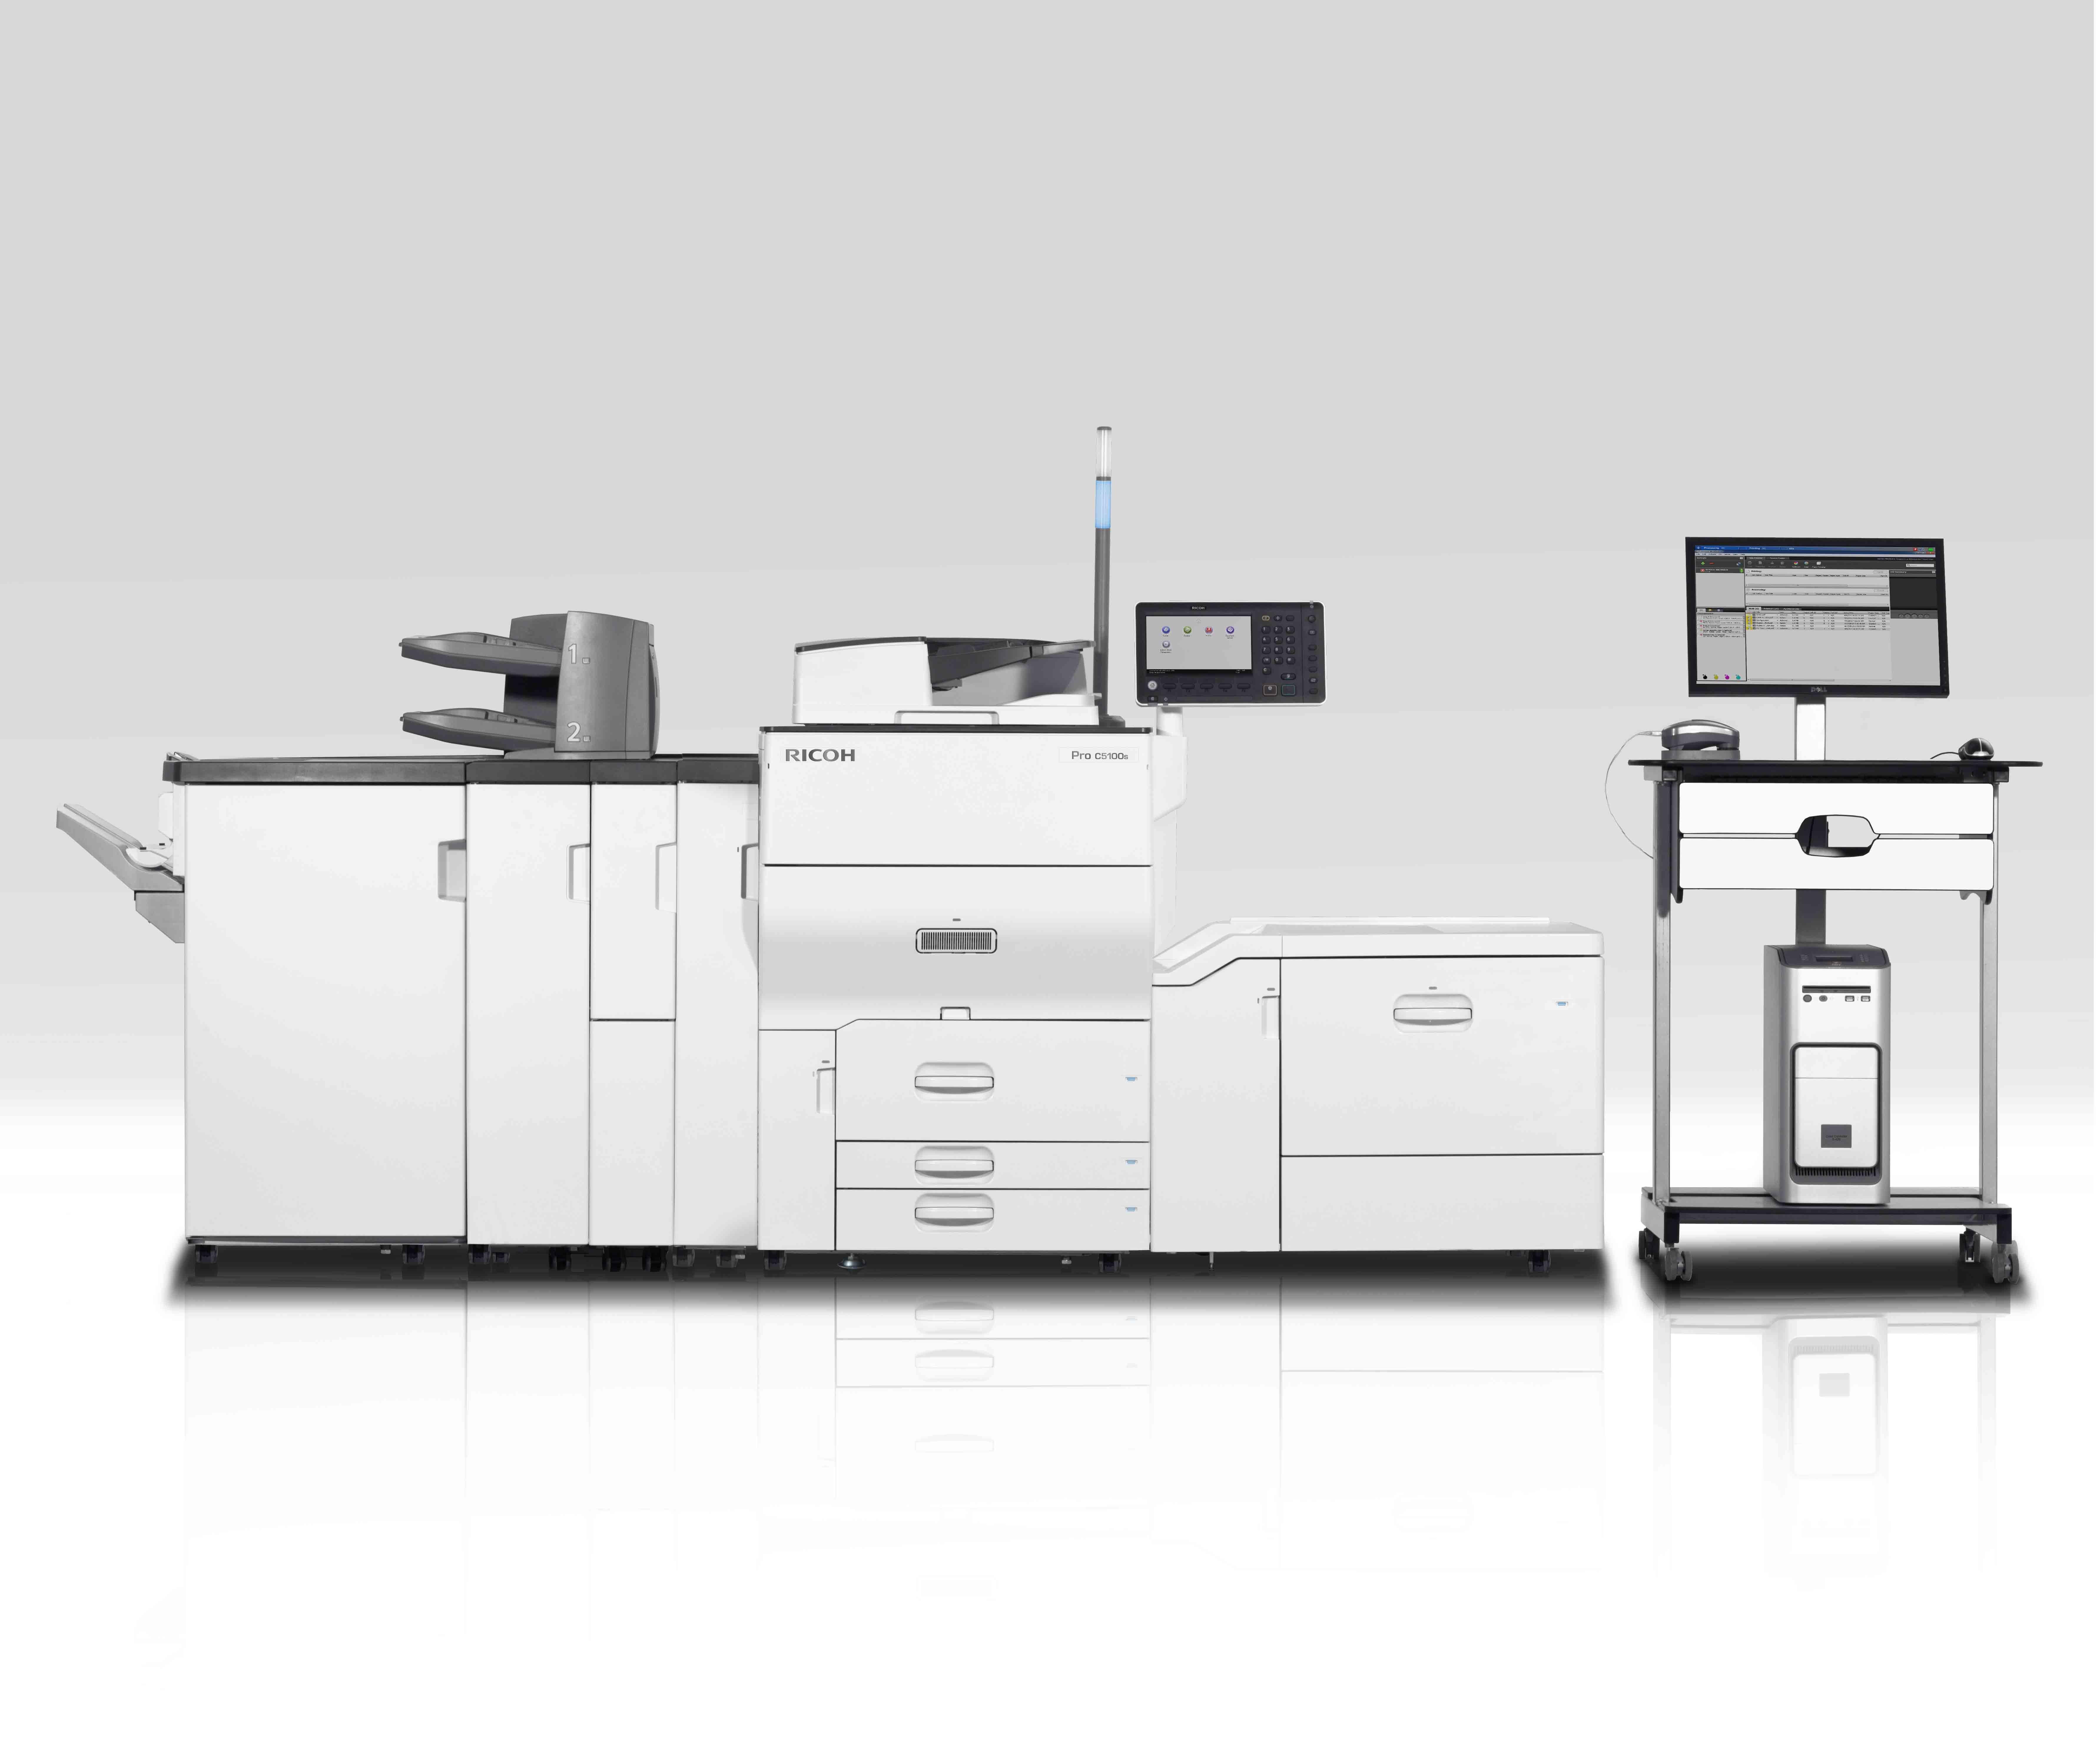 Office Printers in Buffalo, NY